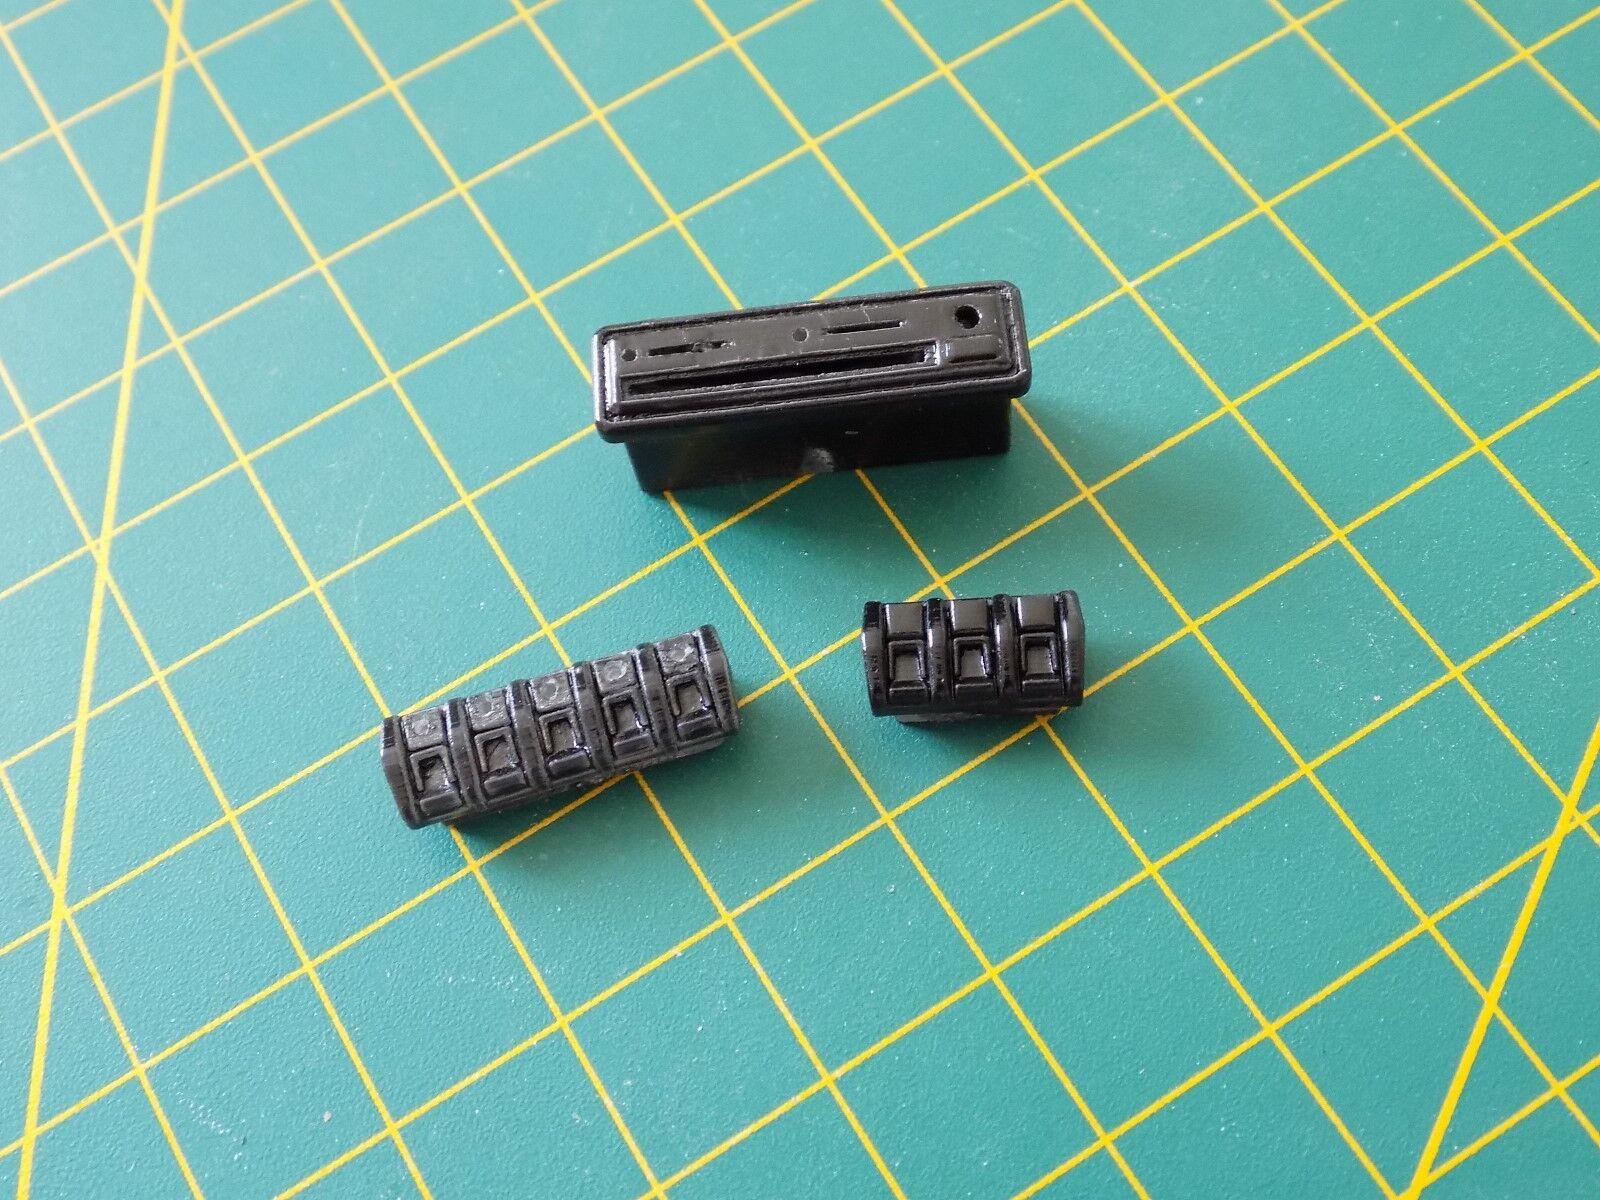 POCHER LAMBORGHINI AVENTADOR 1 8 SCALE 3D printed parts